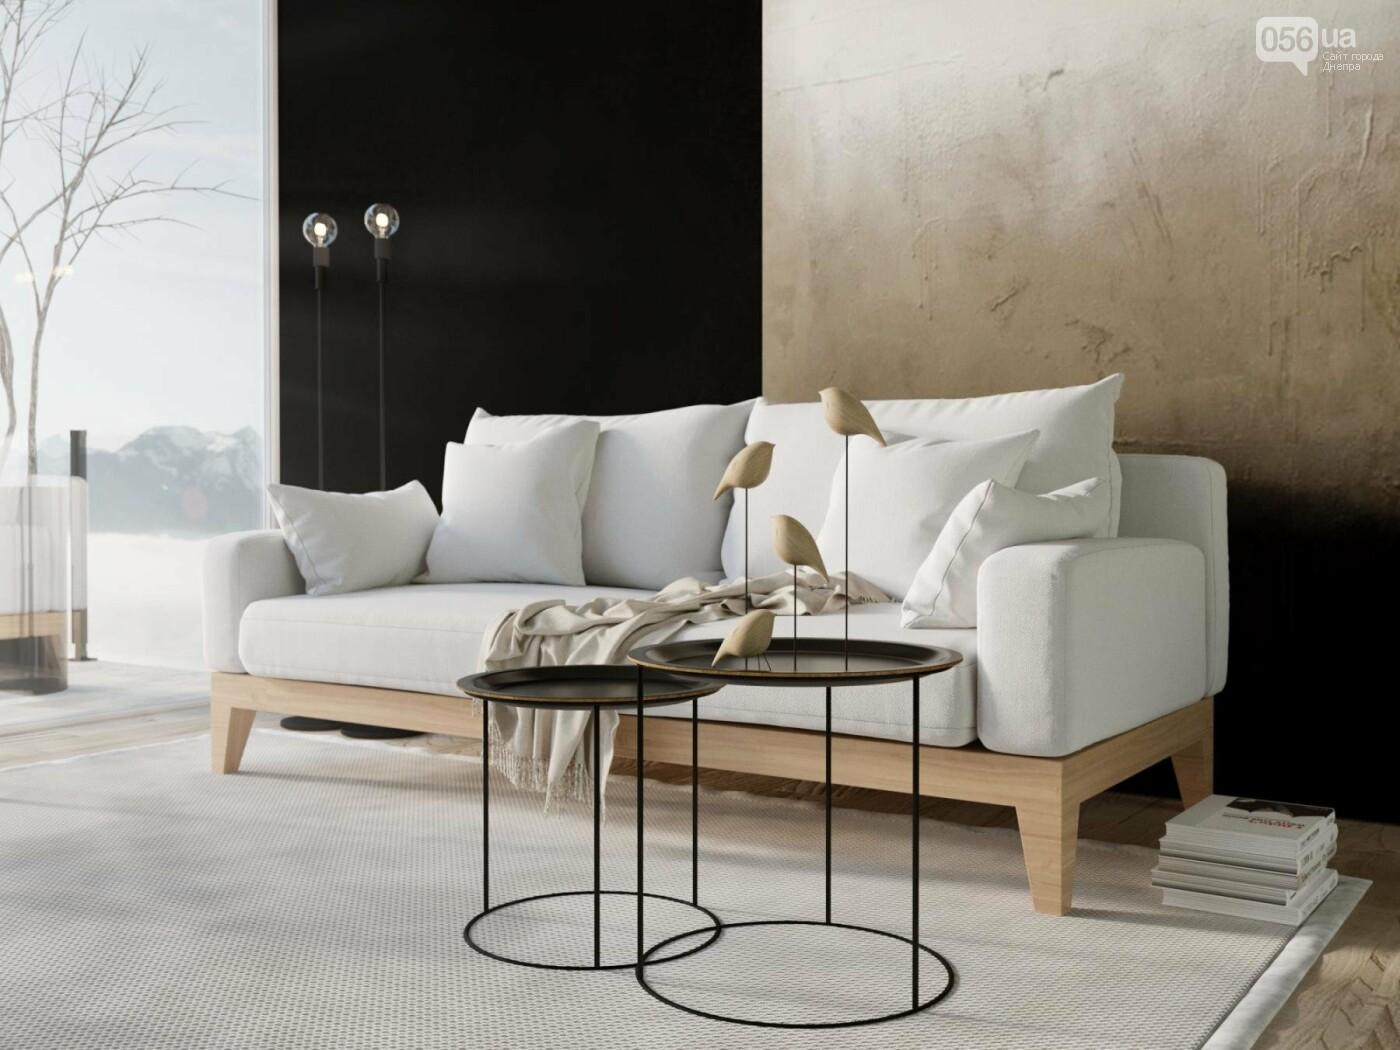 СТБ выбирает для своих студий мягкую мебель Pufetto, фото-4